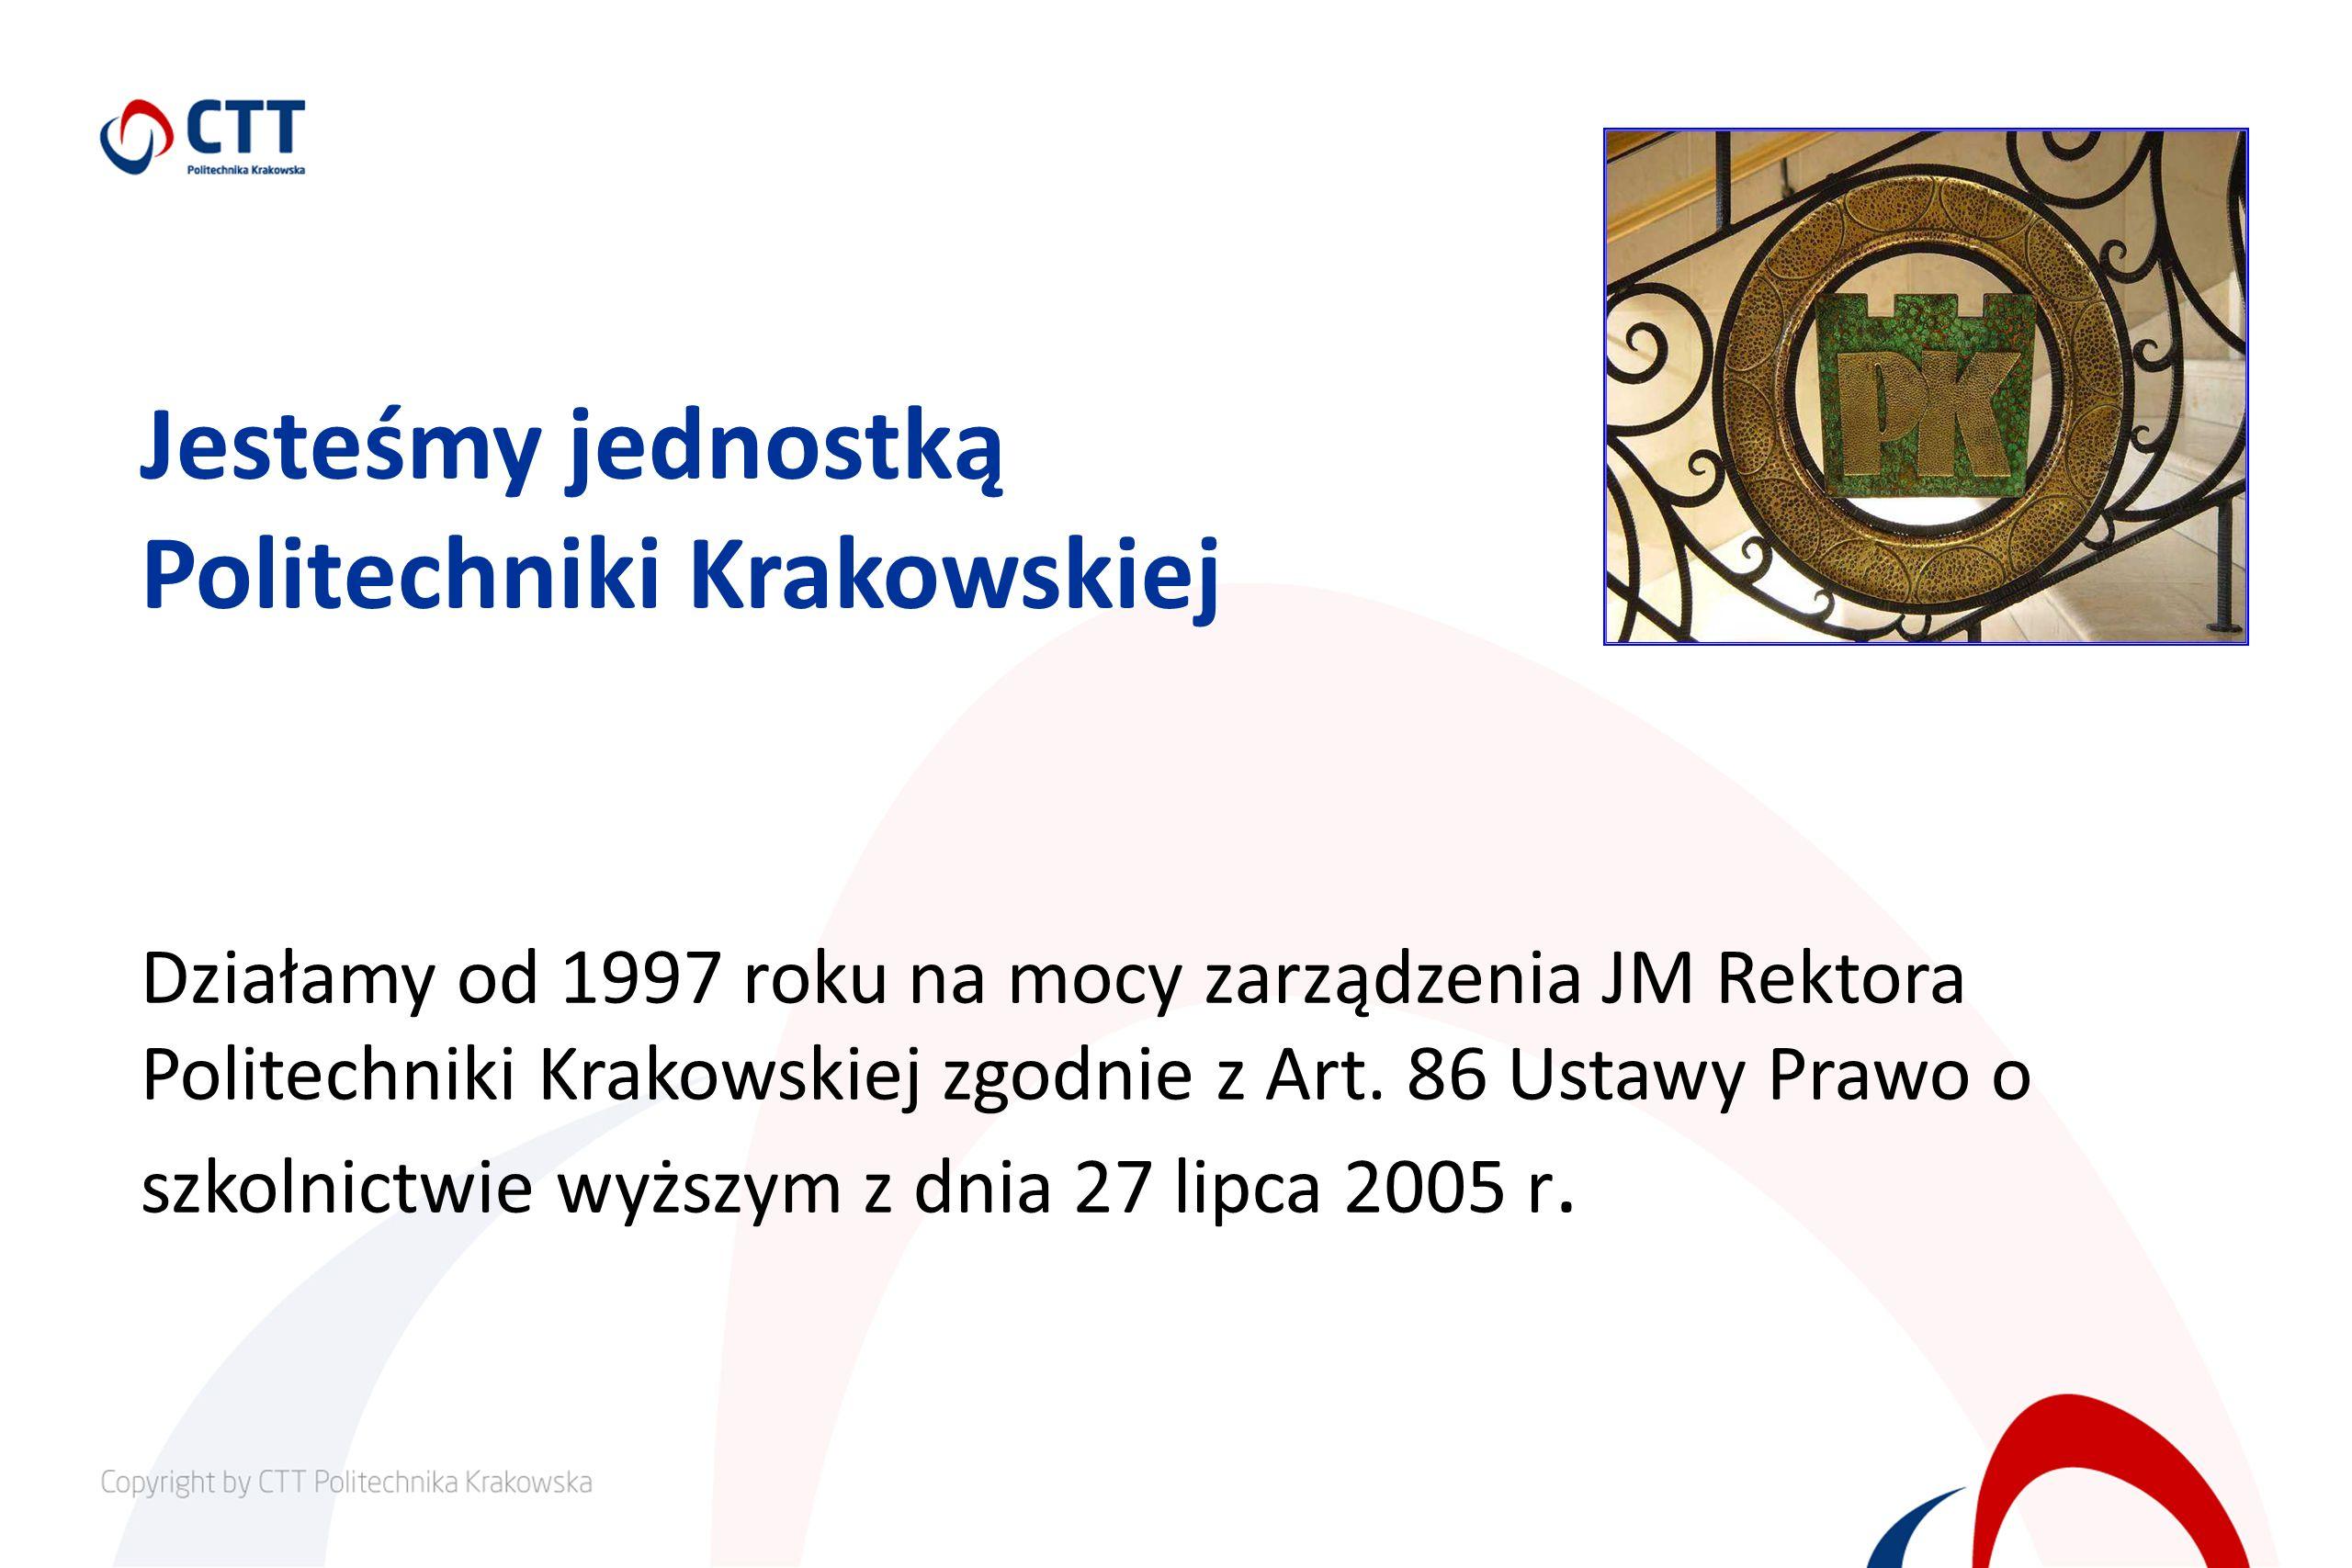 Politechniki Krakowskiej